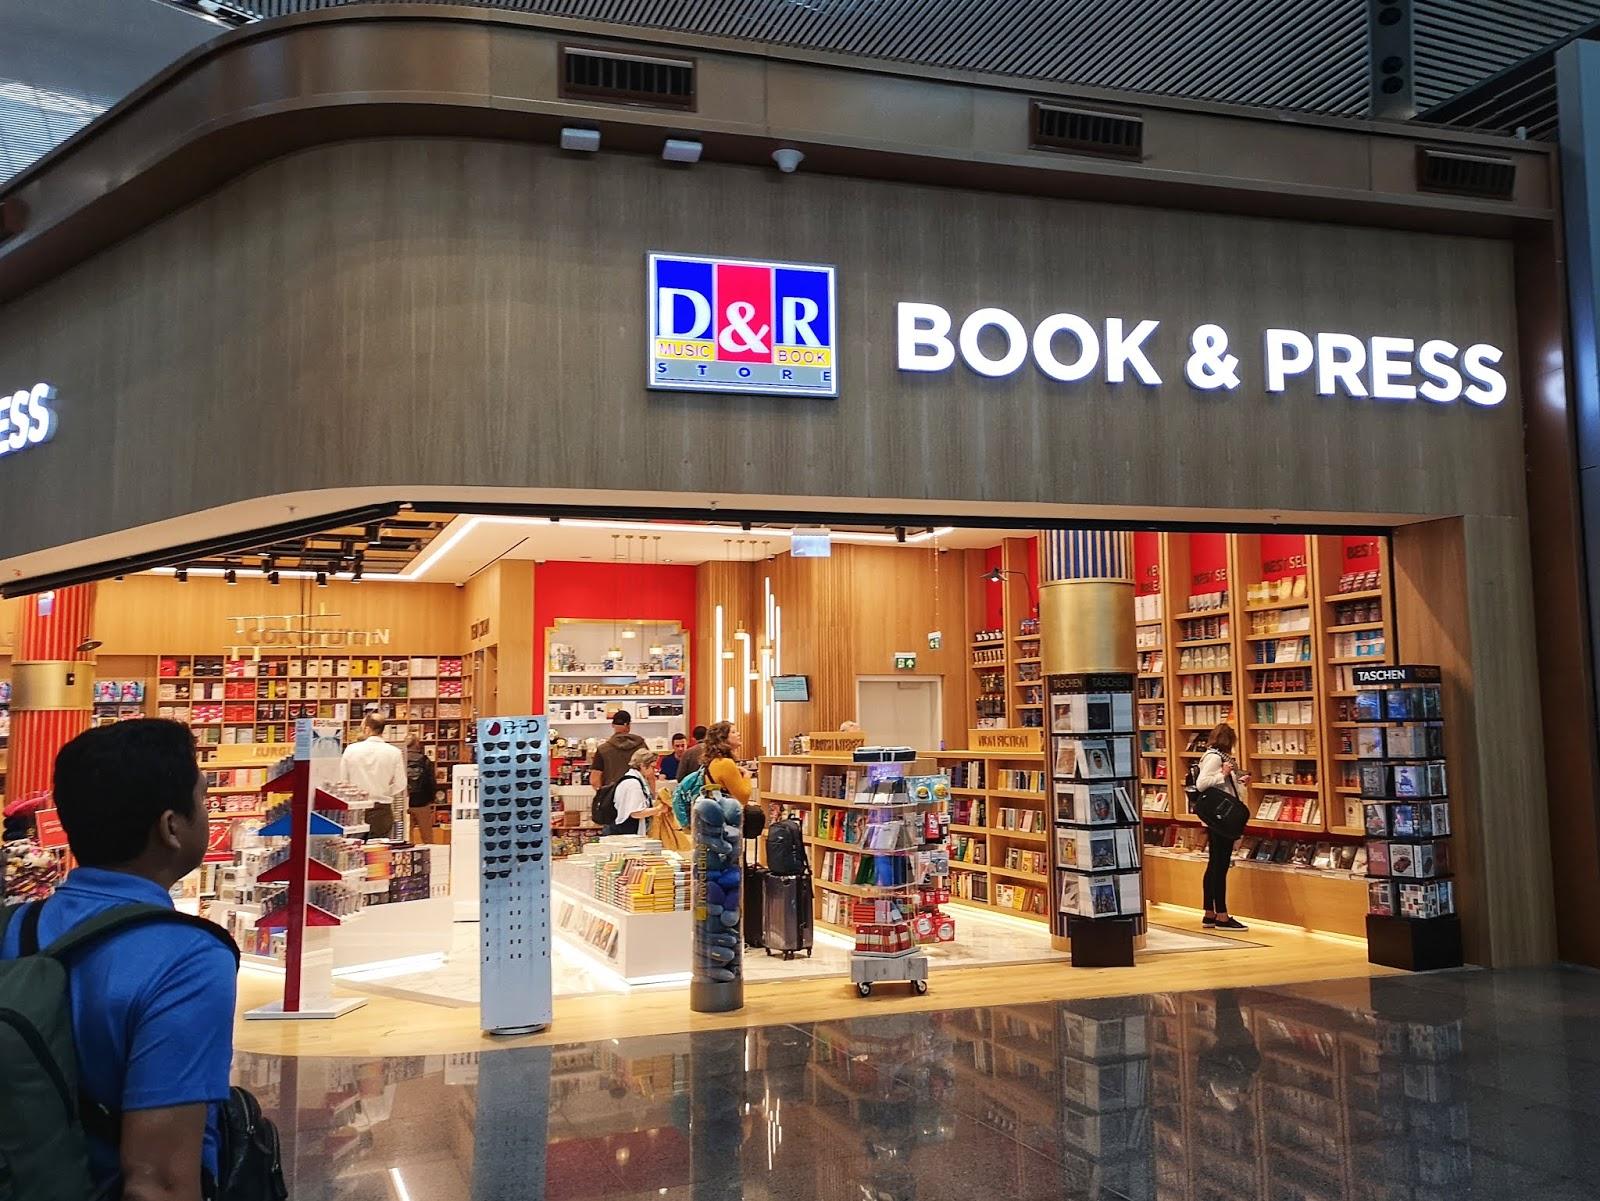 Book & Press